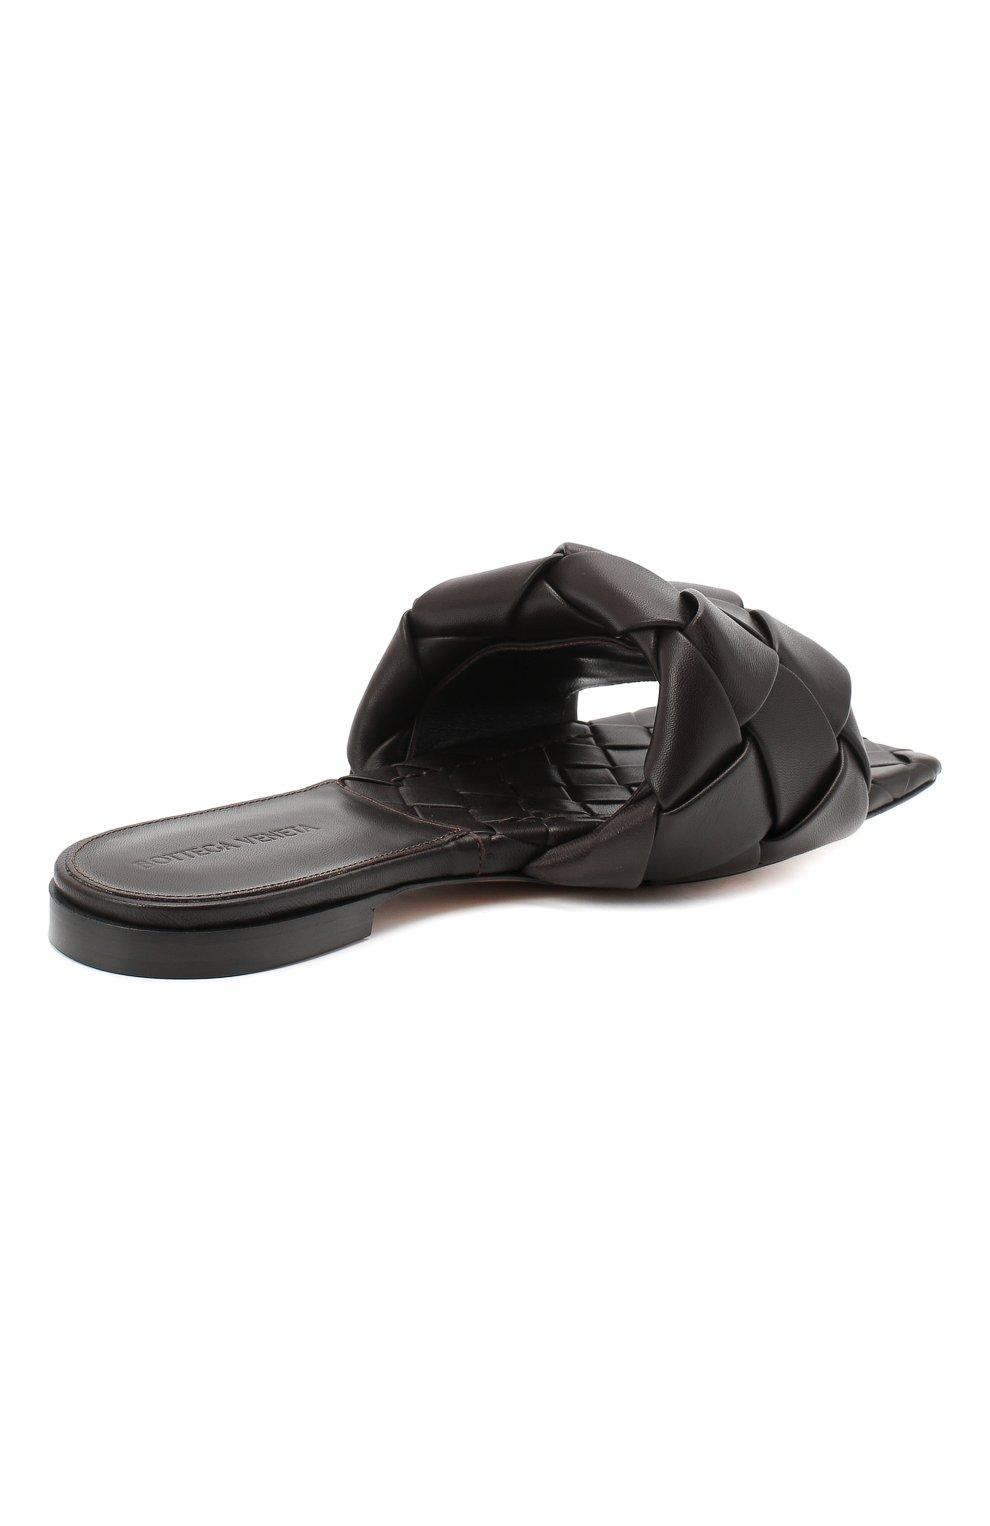 Женские кожаные шлепанцы BOTTEGA VENETA темно-коричневого цвета, арт. 608853/VBSS0 | Фото 4